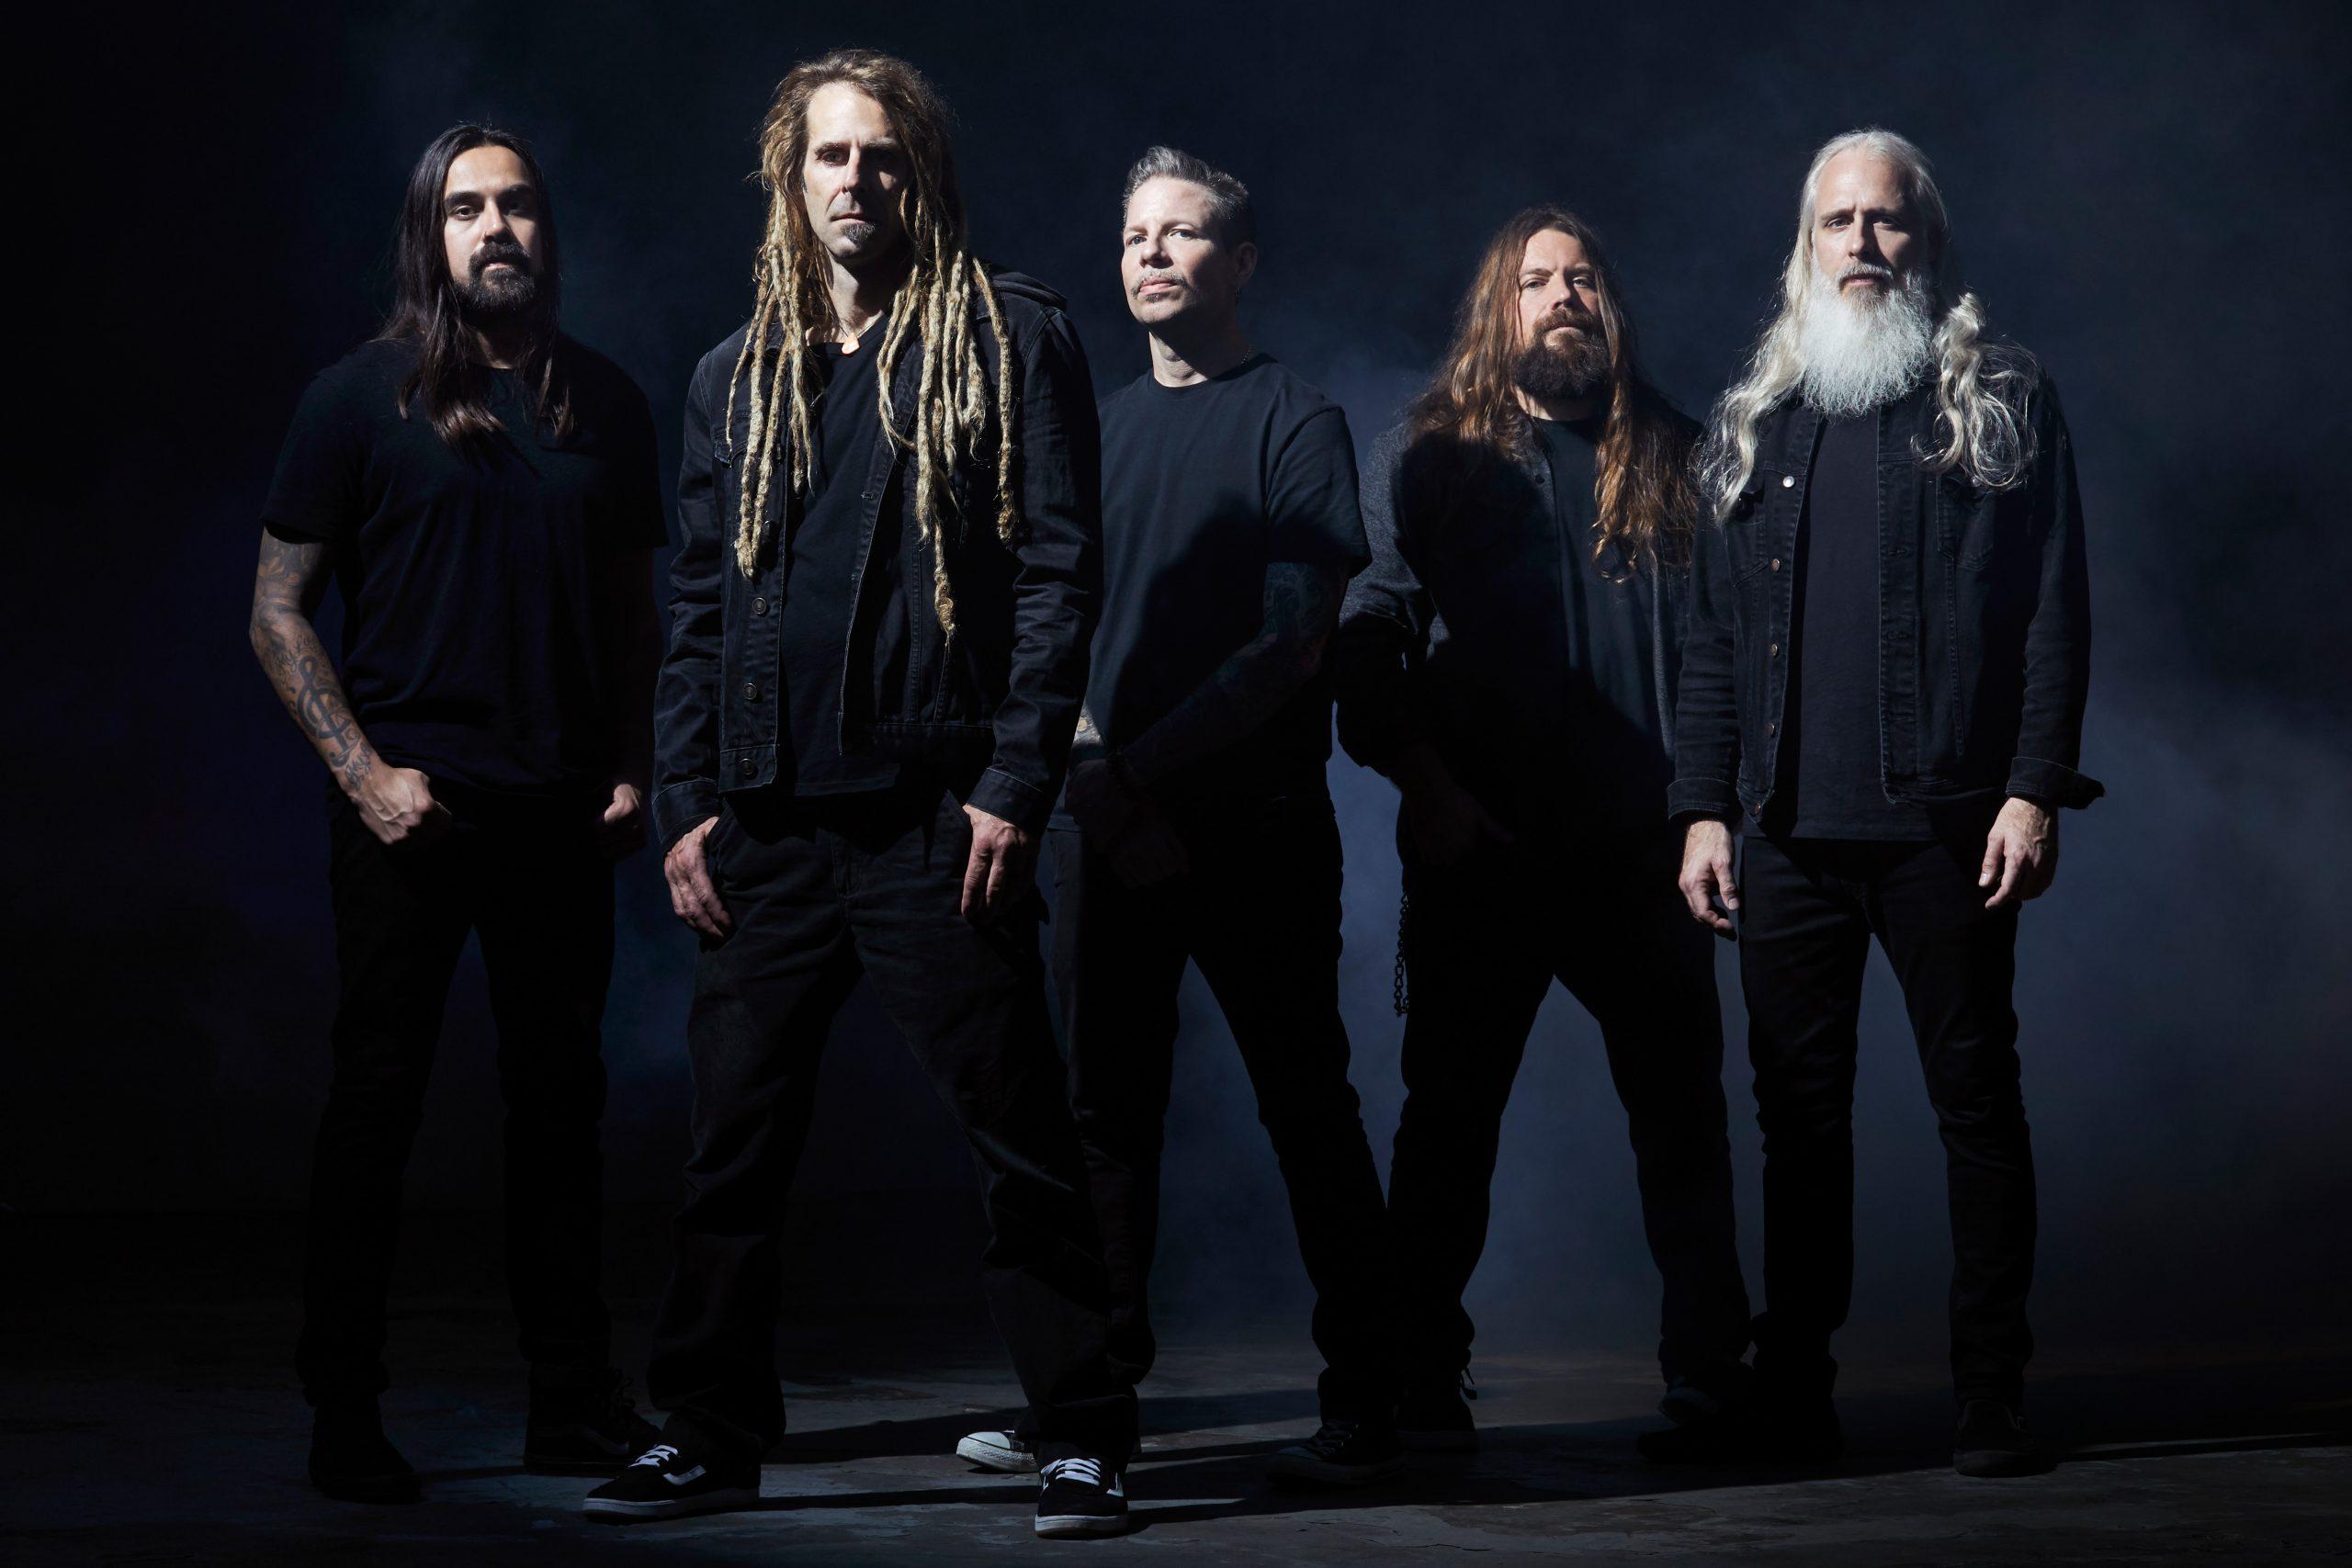 Lamb of God álbum vivo